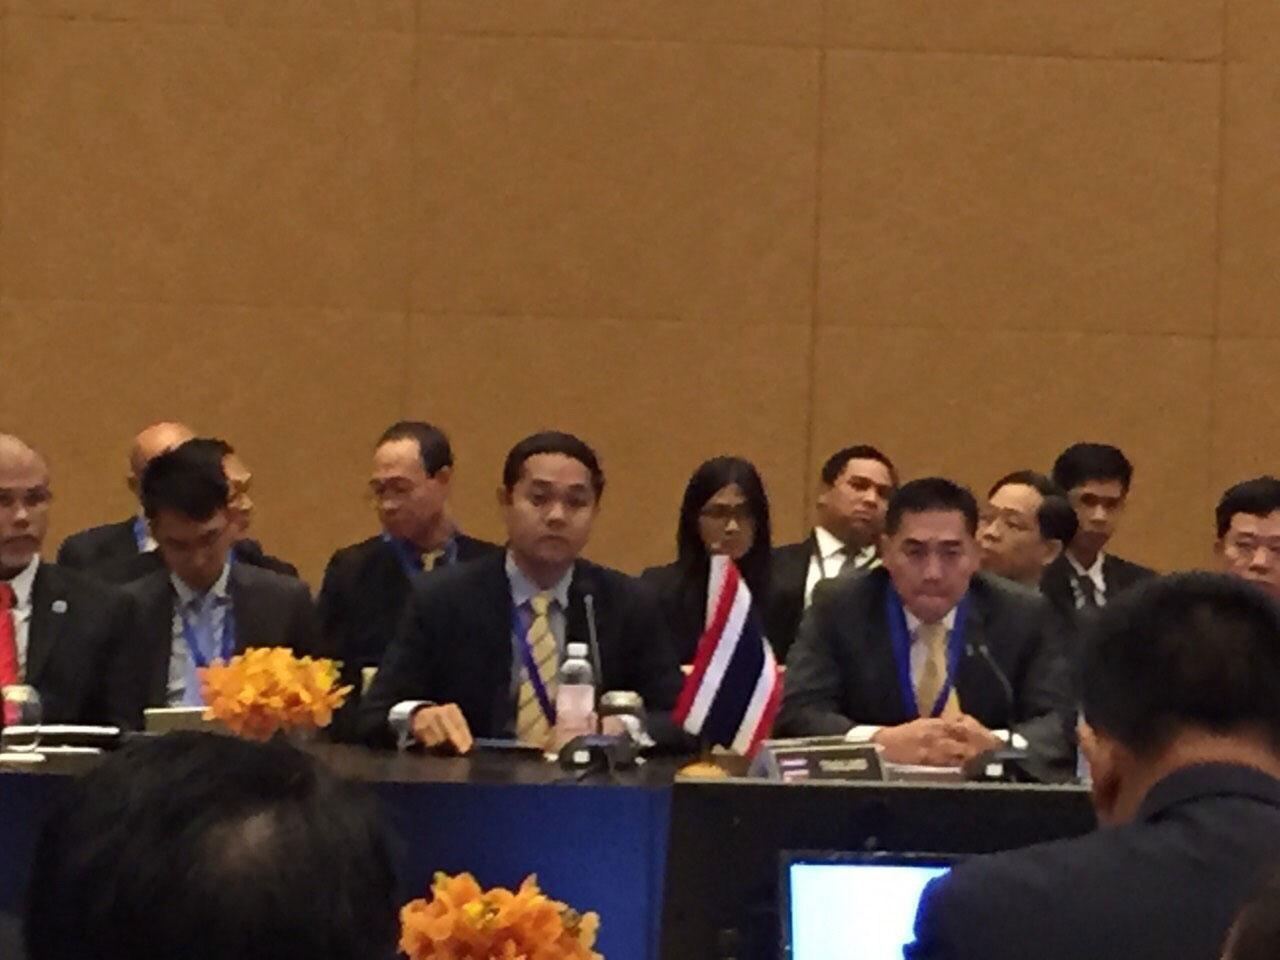 พล.ต.อ.จักรทิพย์ ชัยจินดา รอง ผบ.ตร. หัวหน้าคณะผู้แทนหน่วยงานความมั่นคงของรัฐบาลไทย ประชุม รมต.อาเซียน ด้านอาชญากรรมข้ามชาติ